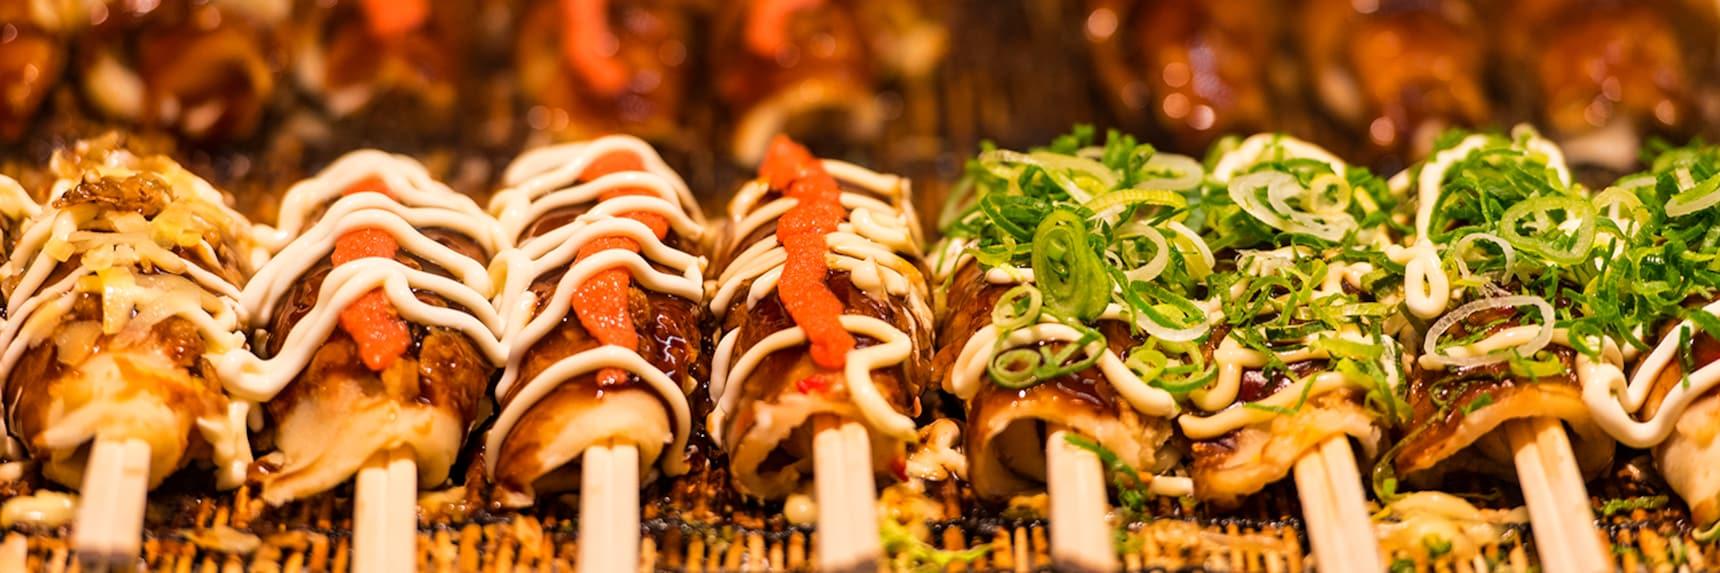 축제 음식으로 인기 있는 텟판야끼 BEST 5